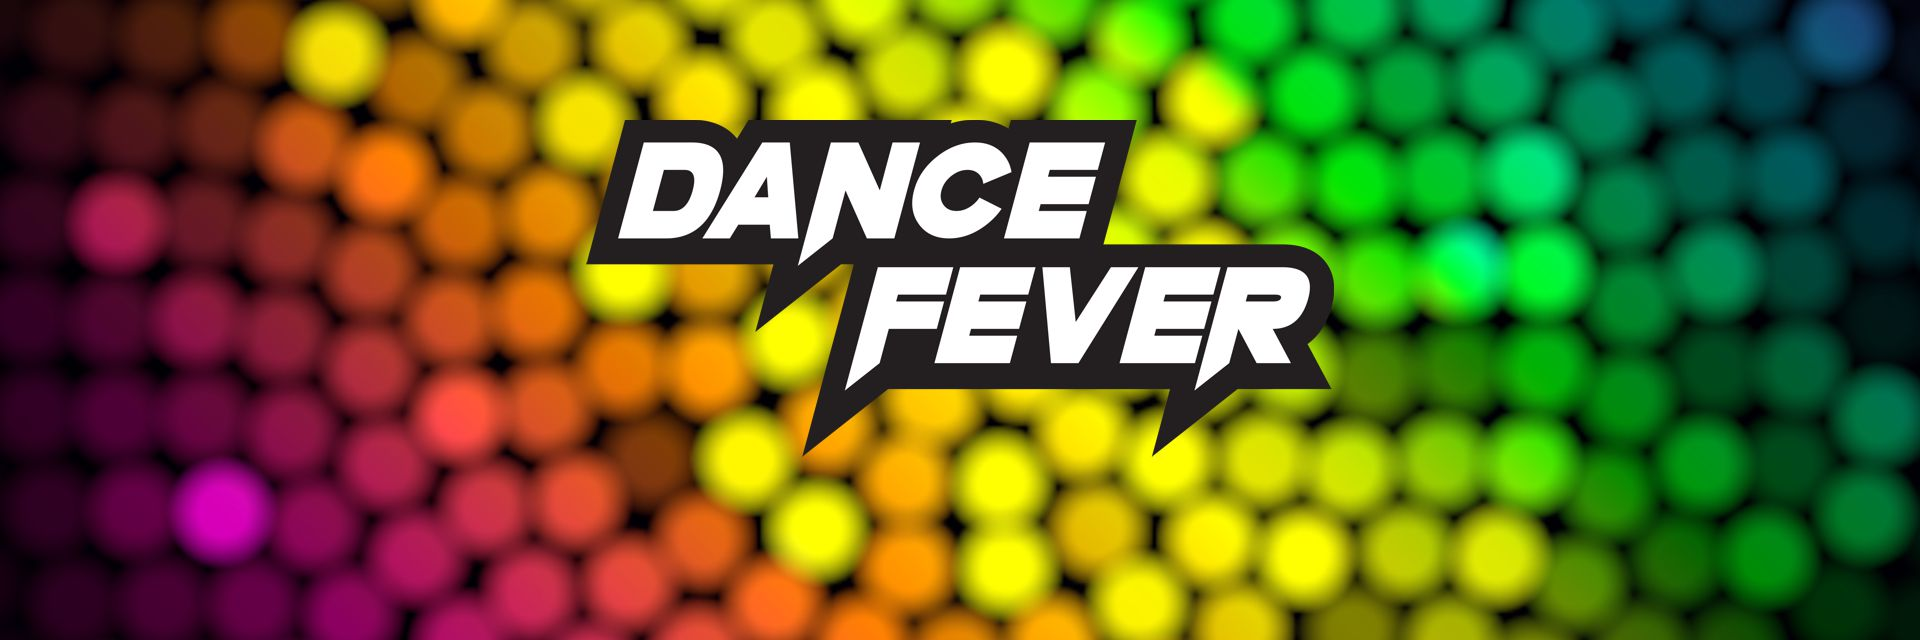 DANCE FEVER VÝROČNÍ SLEVY